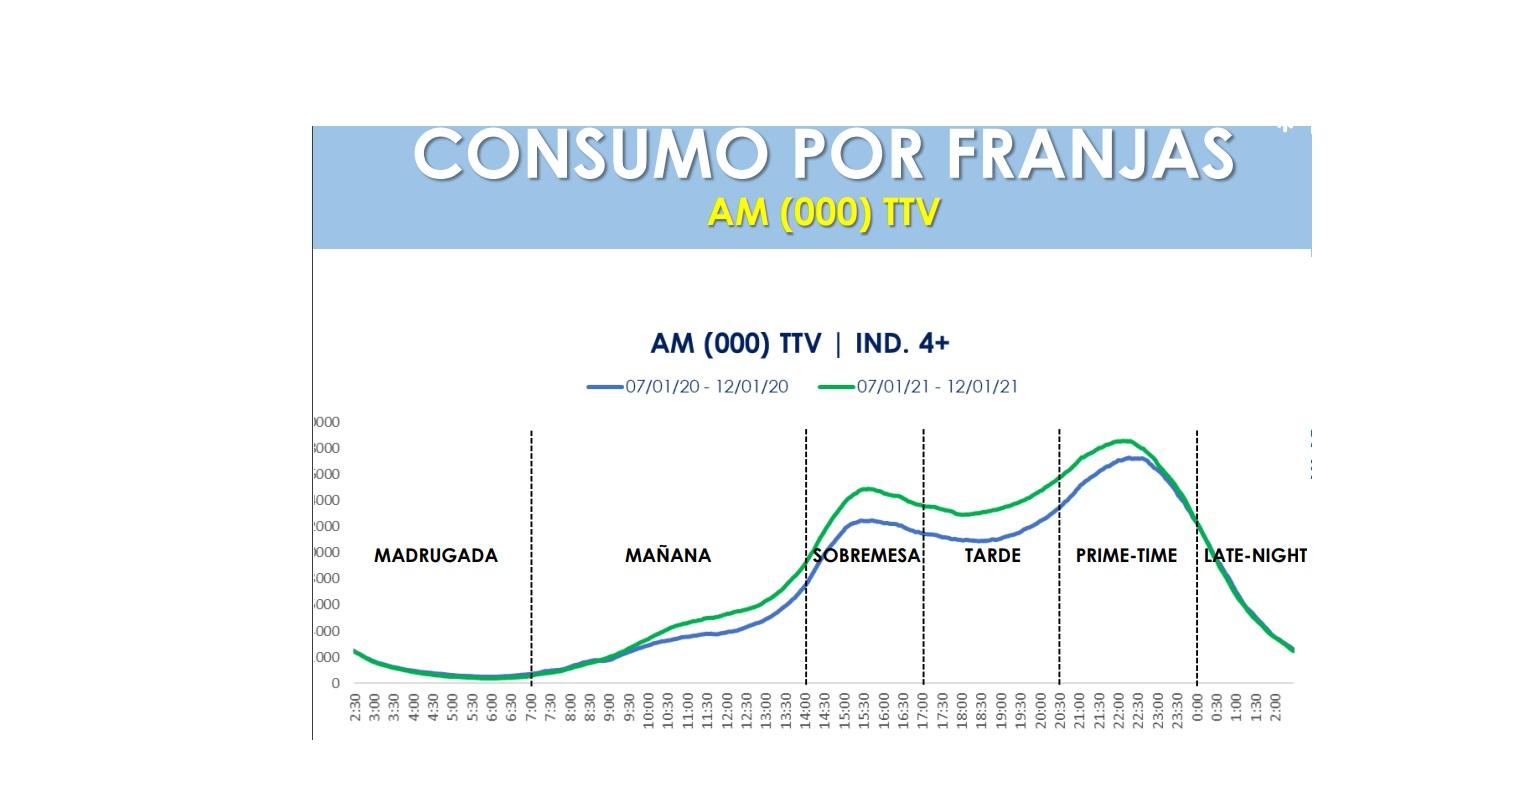 https://www.programapublicidad.com/wp-content/uploads/2021/01/franjas-EFECTO-FILOMENA-TELEVISIÓN-587.000-espectadores-reach-diario-enero-2021tv-programapublicidad.jpg